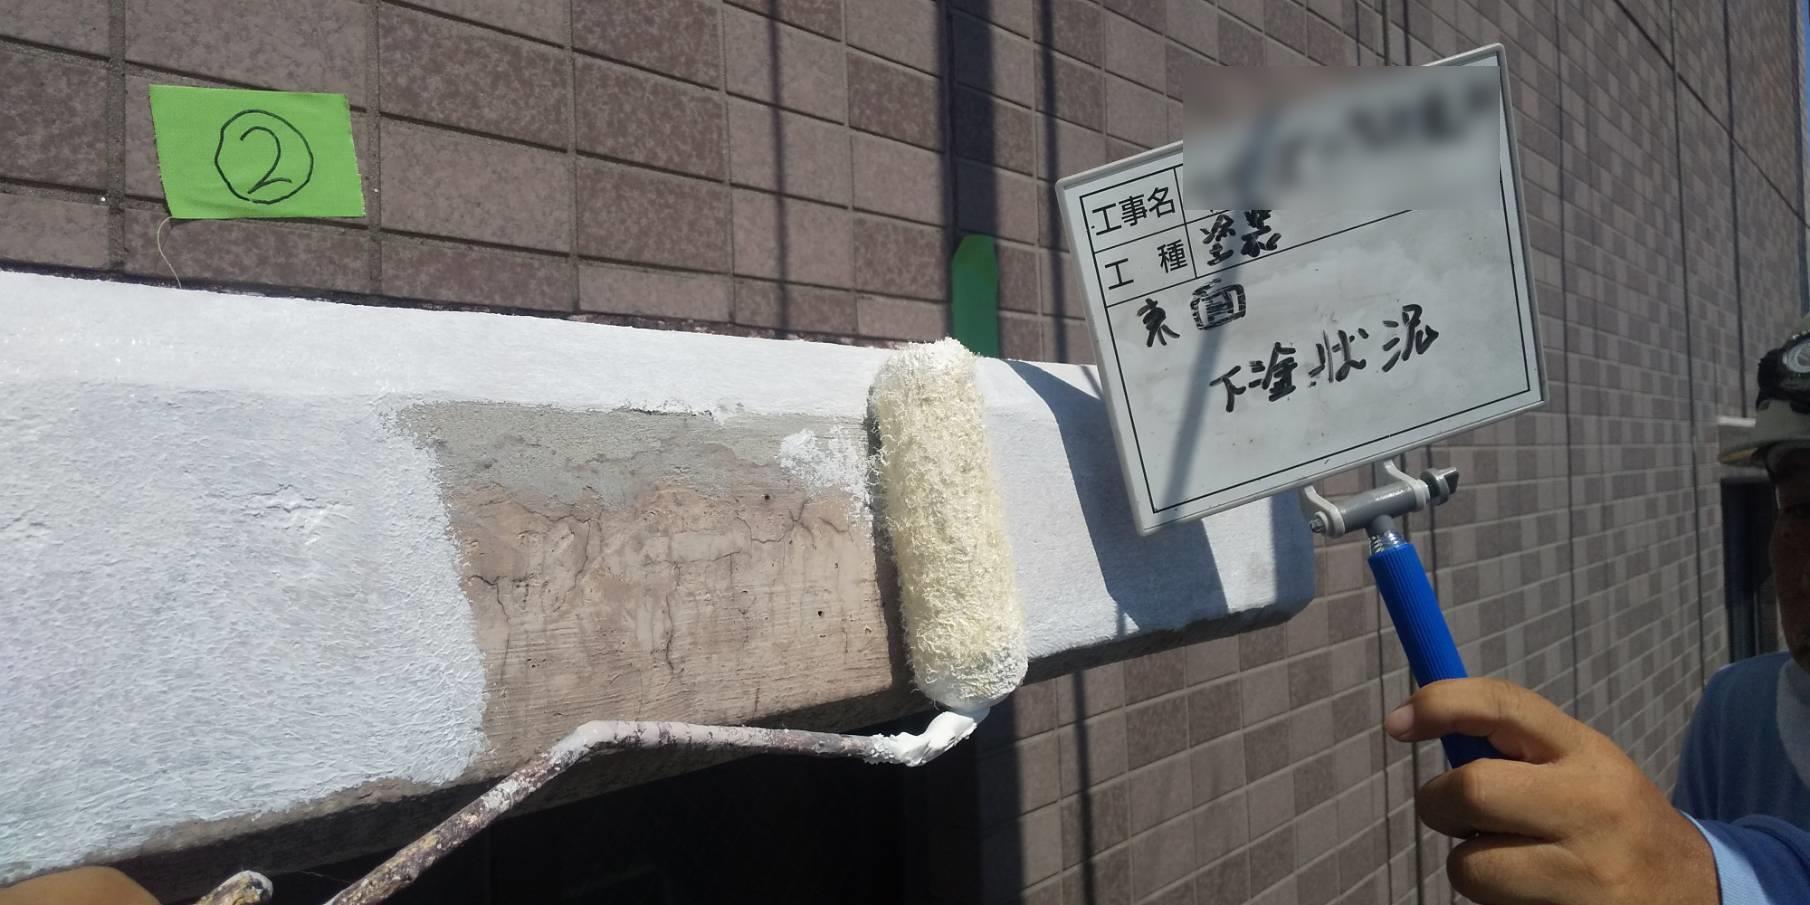 【施工実績】墨田区:マンションのひび割れの補修工事